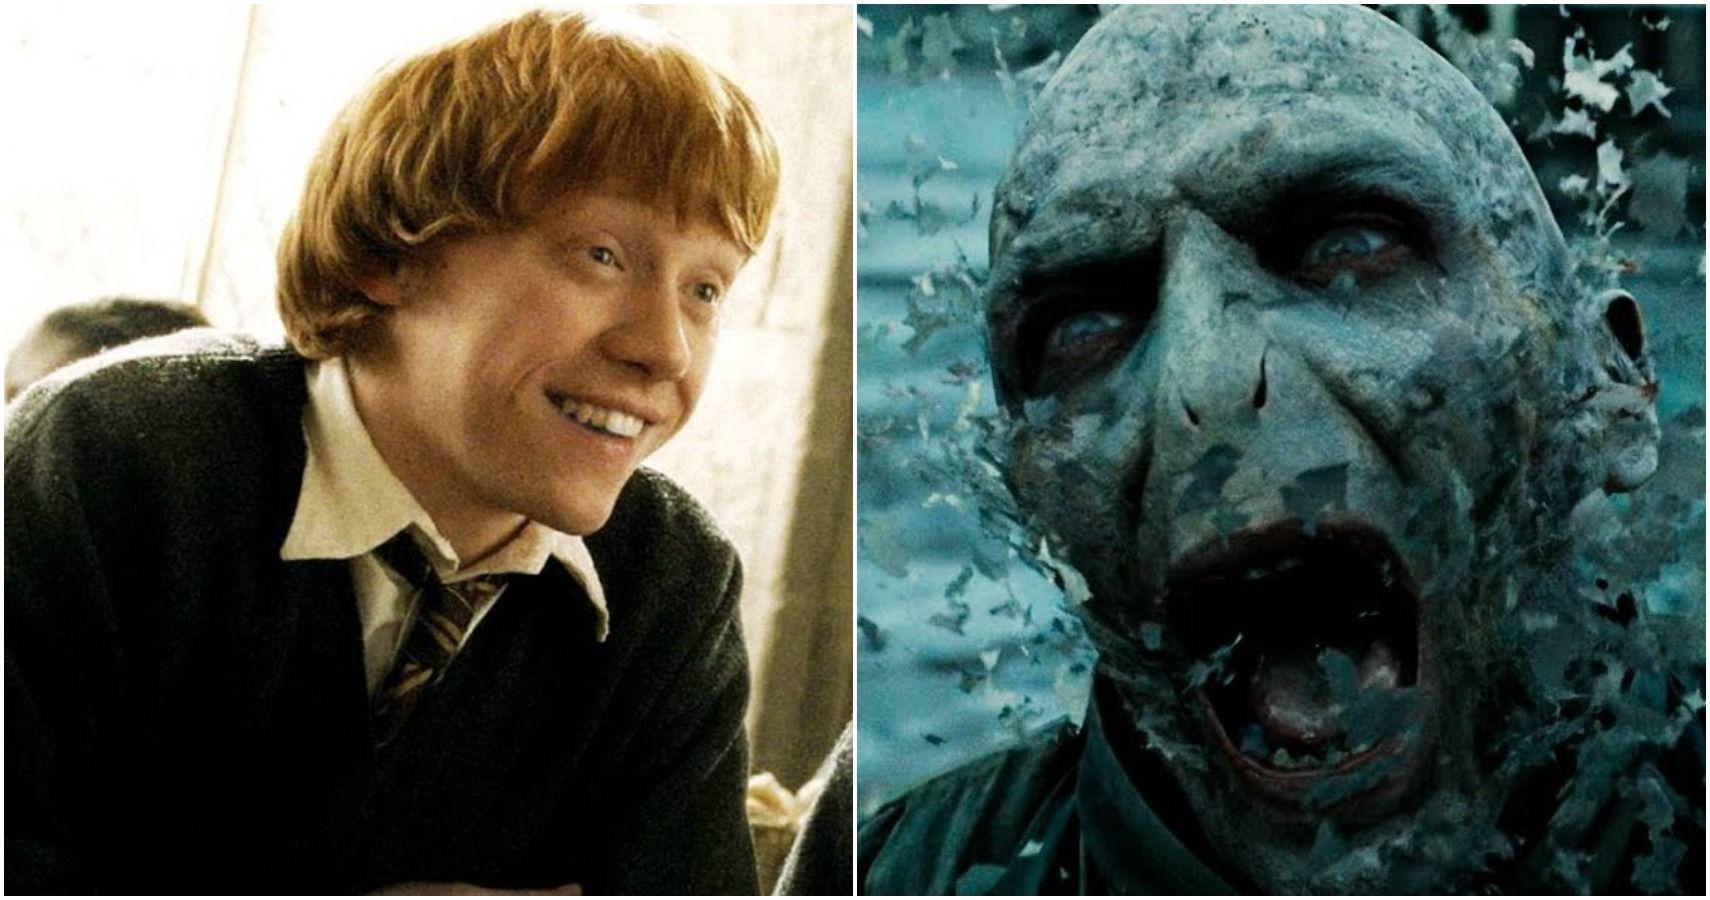 Harry Potter 5 Besetzung